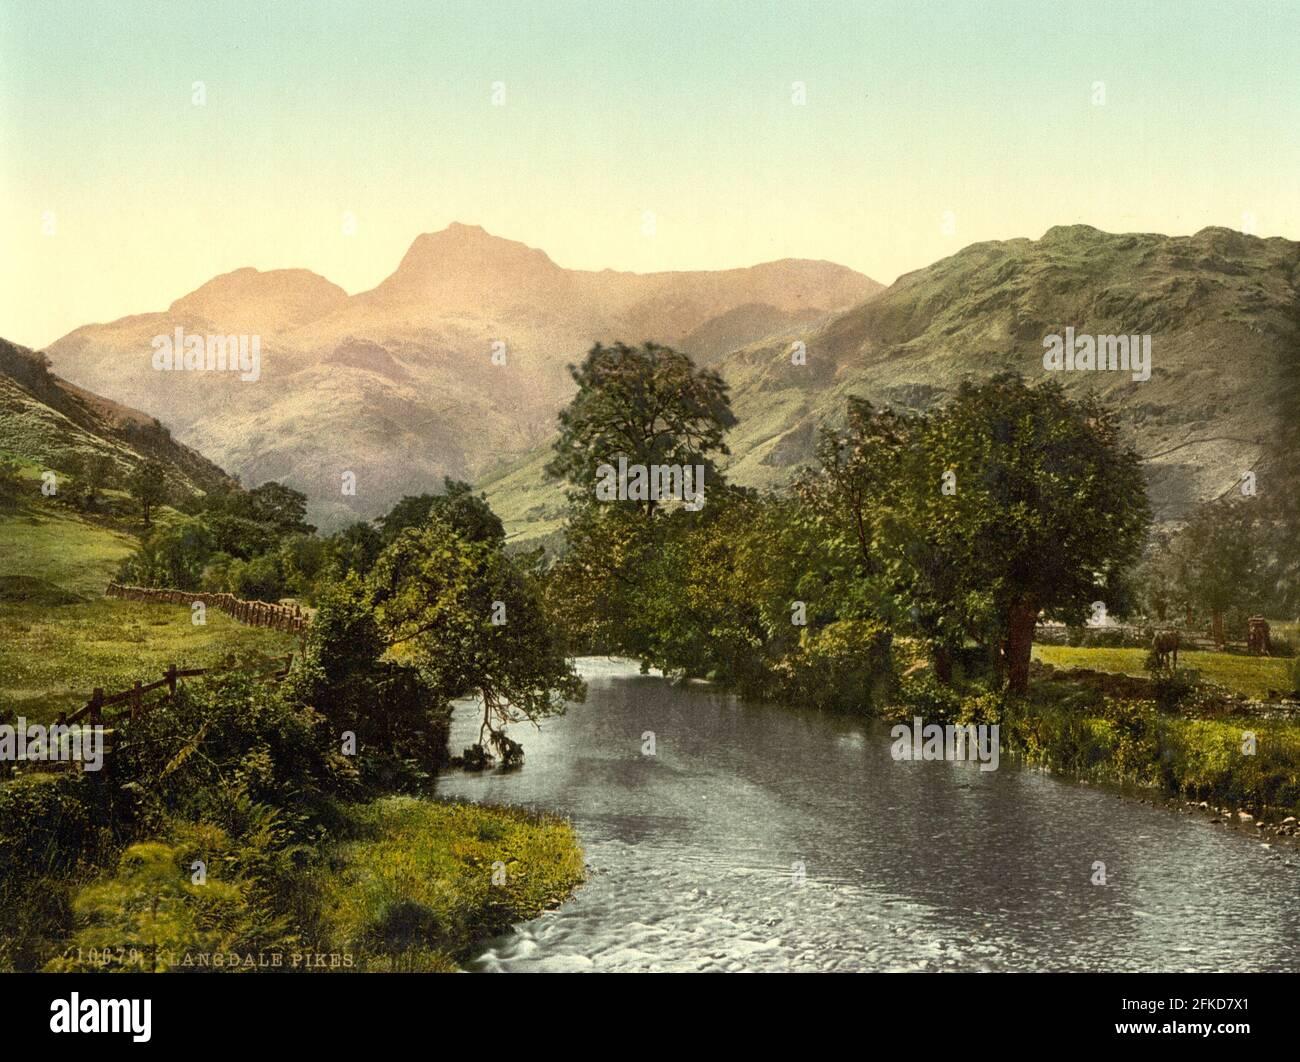 La rivière Brathay et les Langdale Pikes dans le district de Lake, Cumbria vers 1890-1900 Banque D'Images